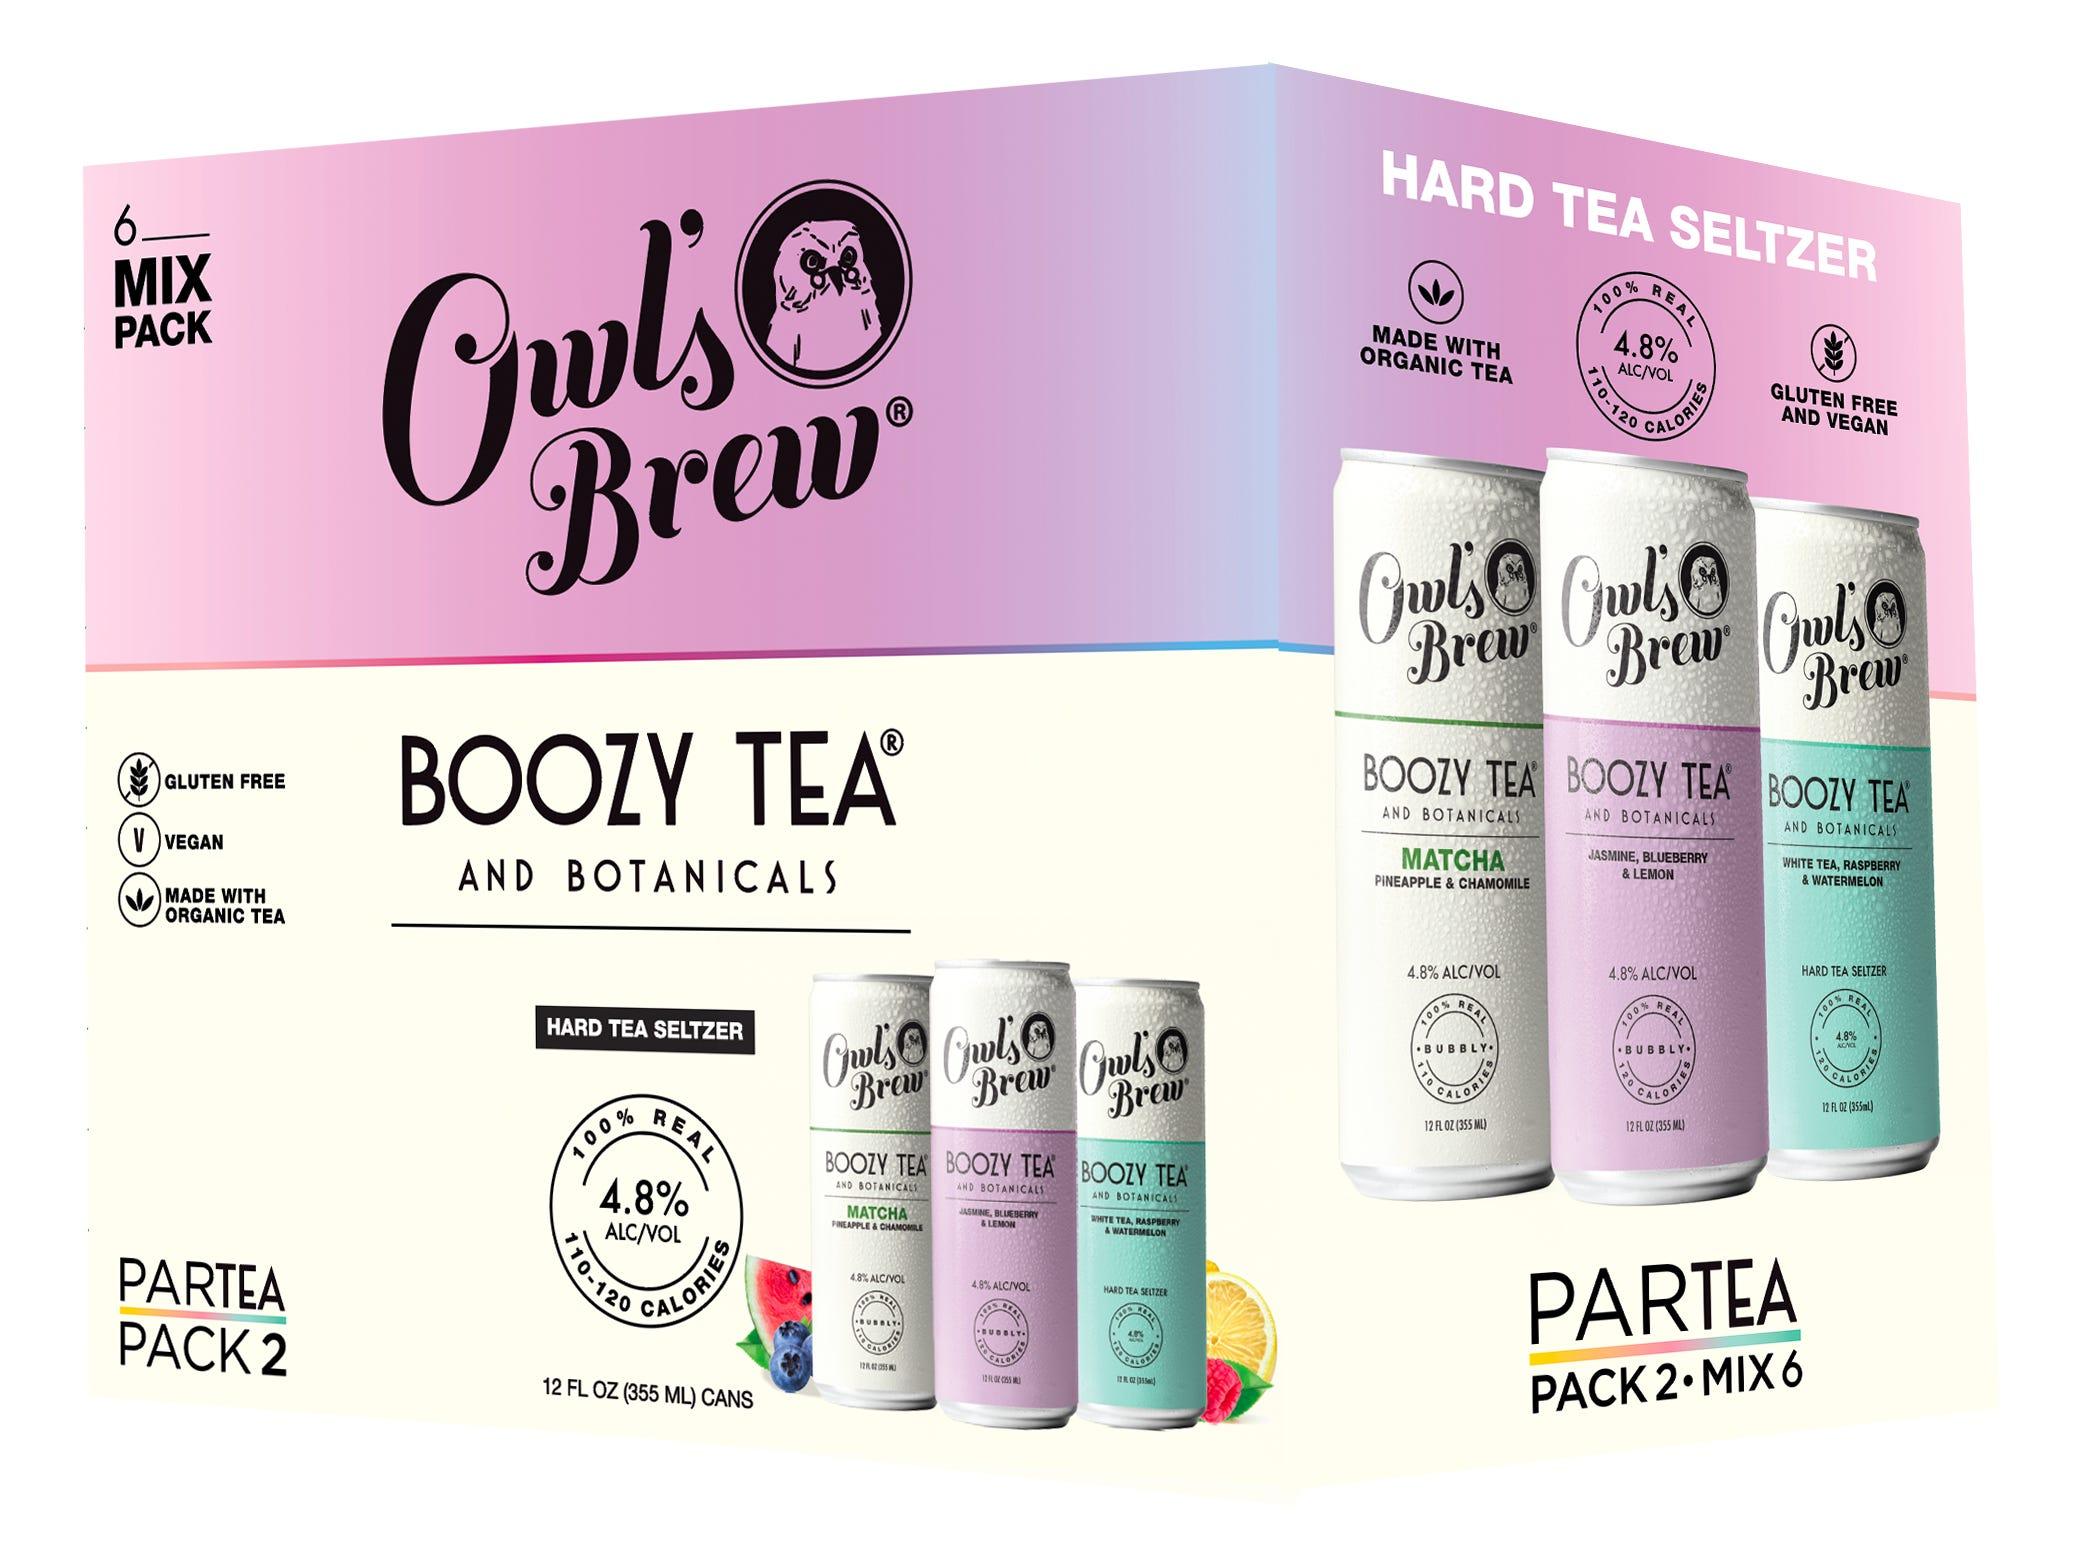 Owl Brew's Par-Tea pack.